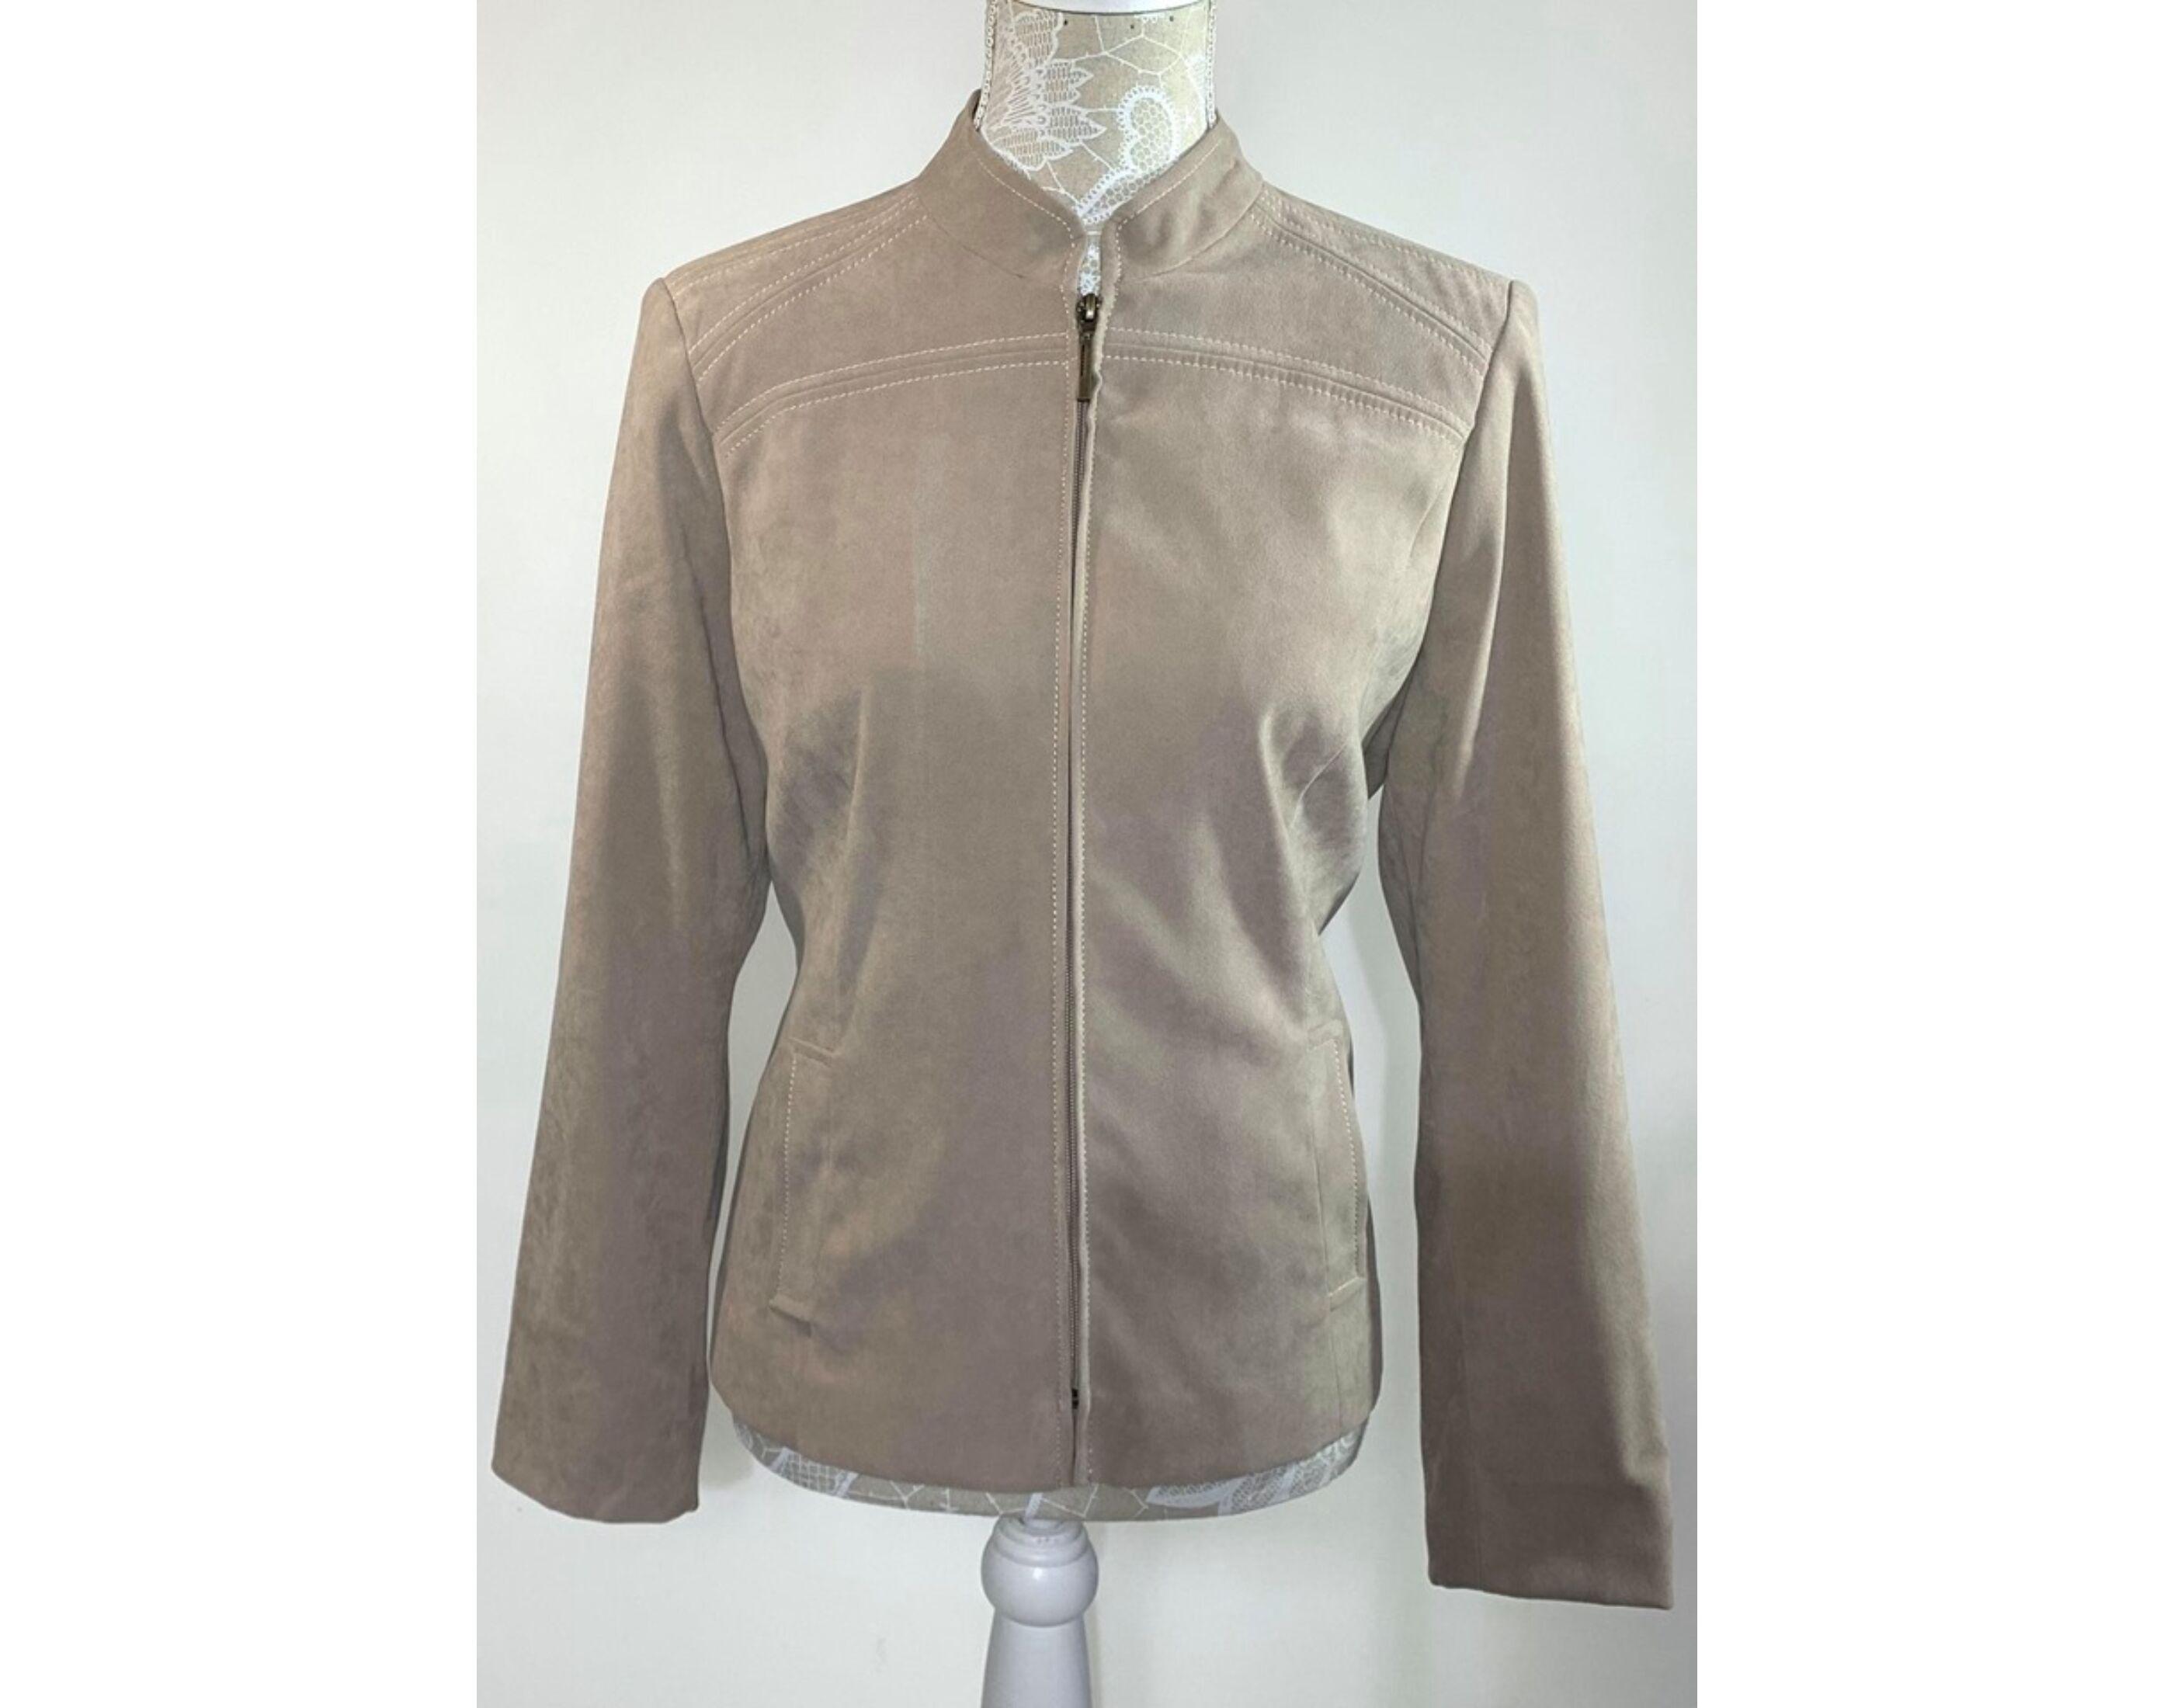 Classics kabát (L)